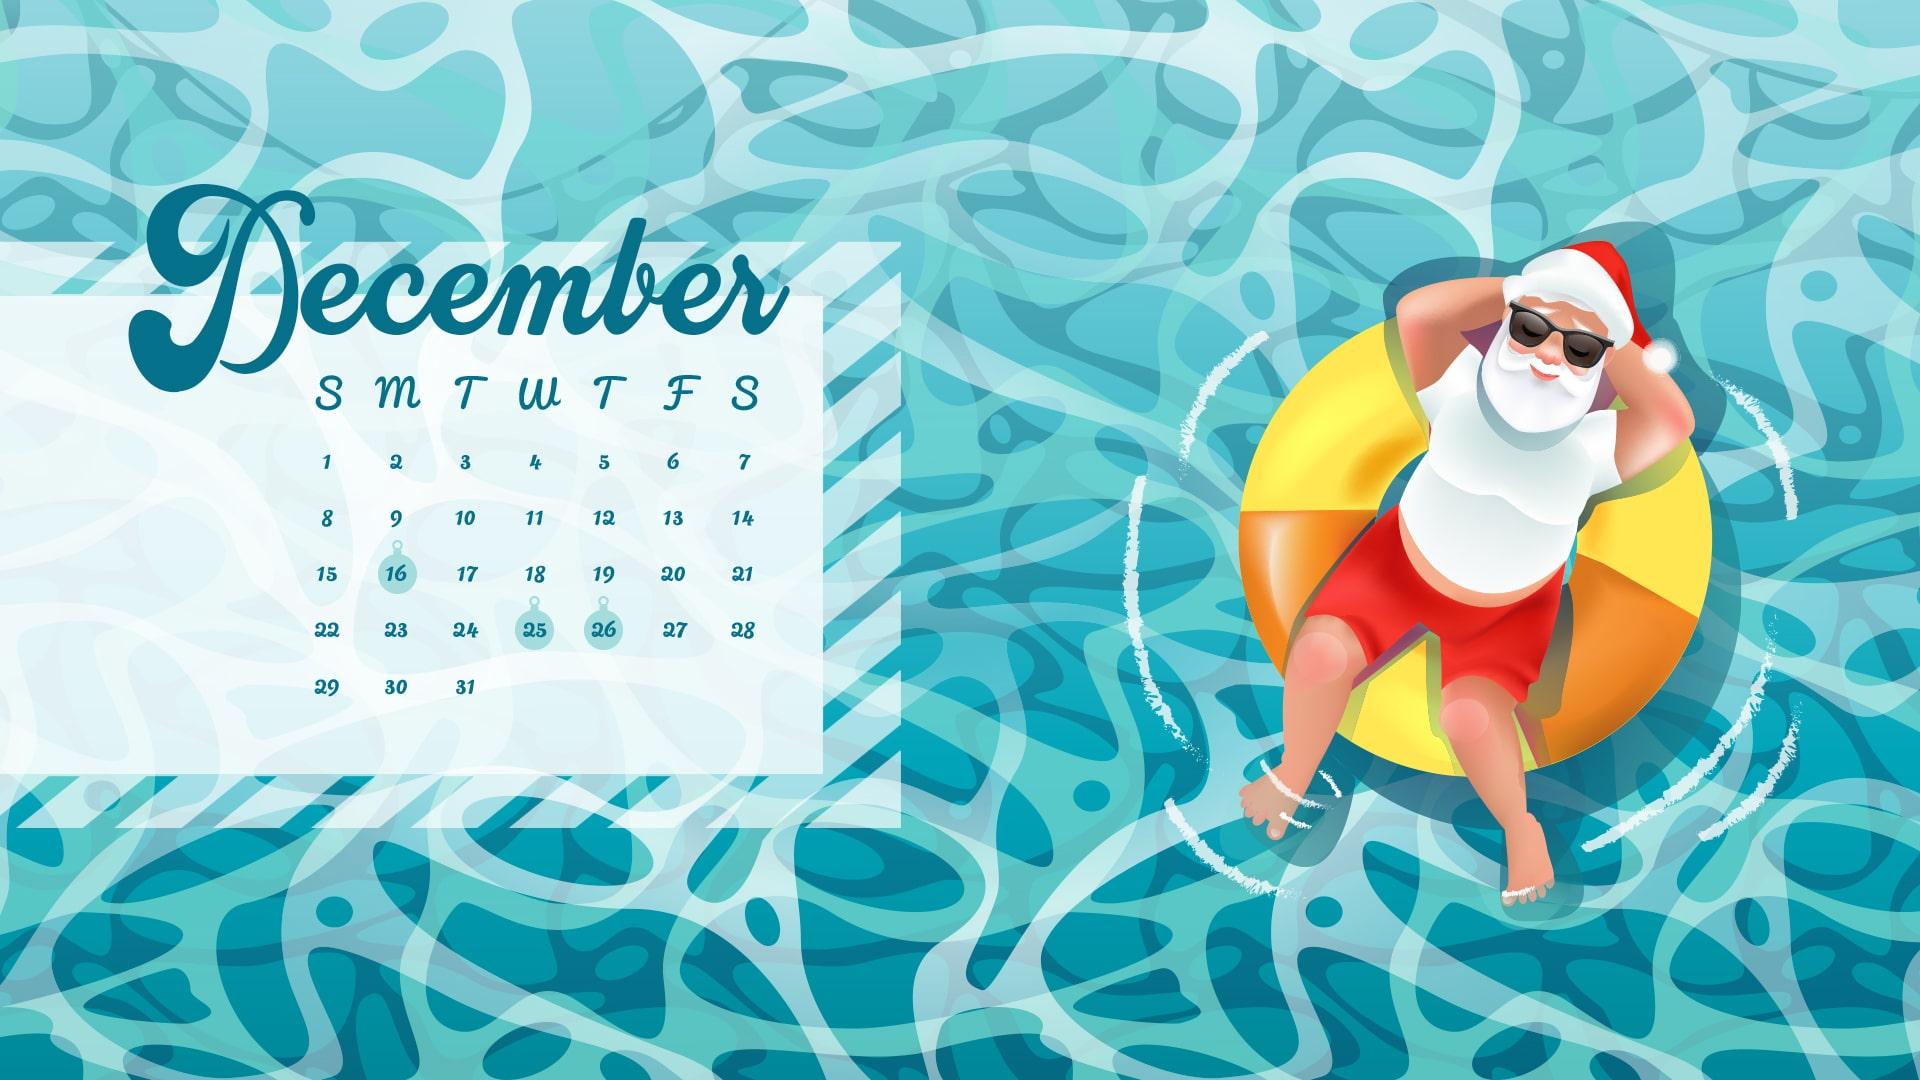 December 2019 Wallpaper For Desktop